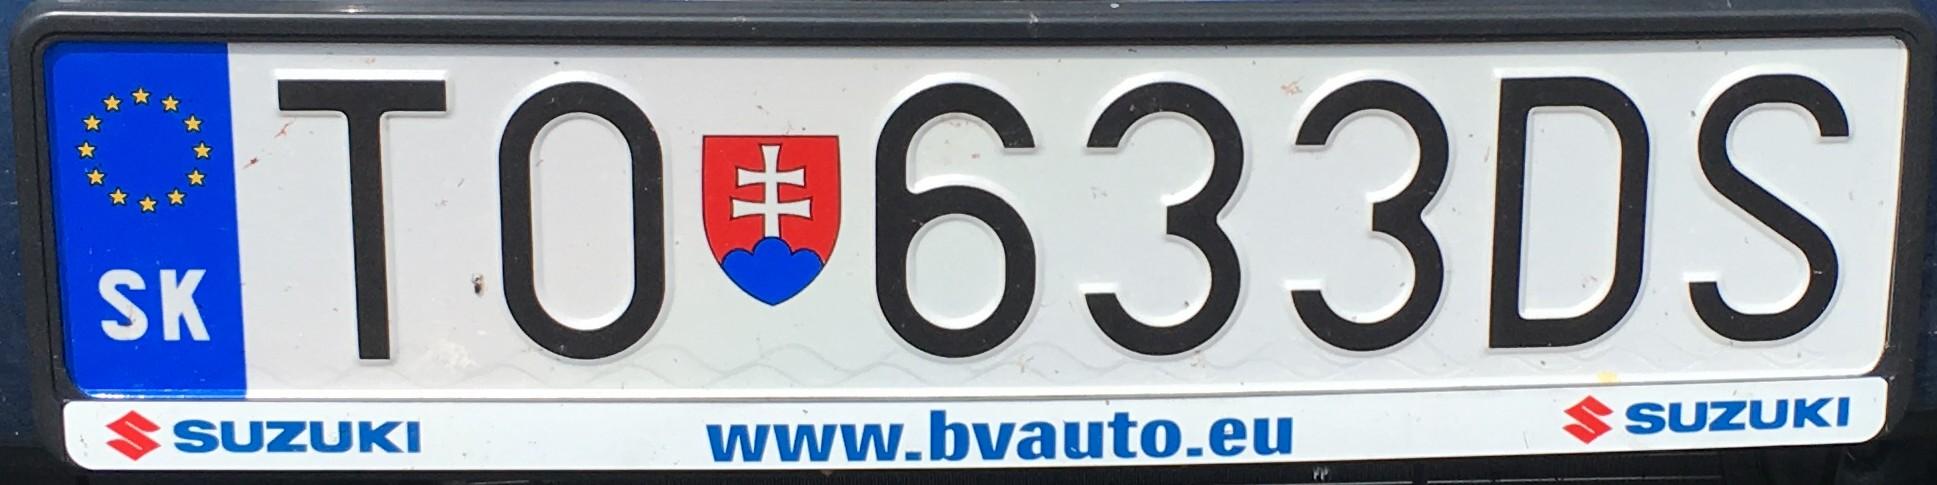 Registrační značka: TO - Topoľčany, foto: vlastní